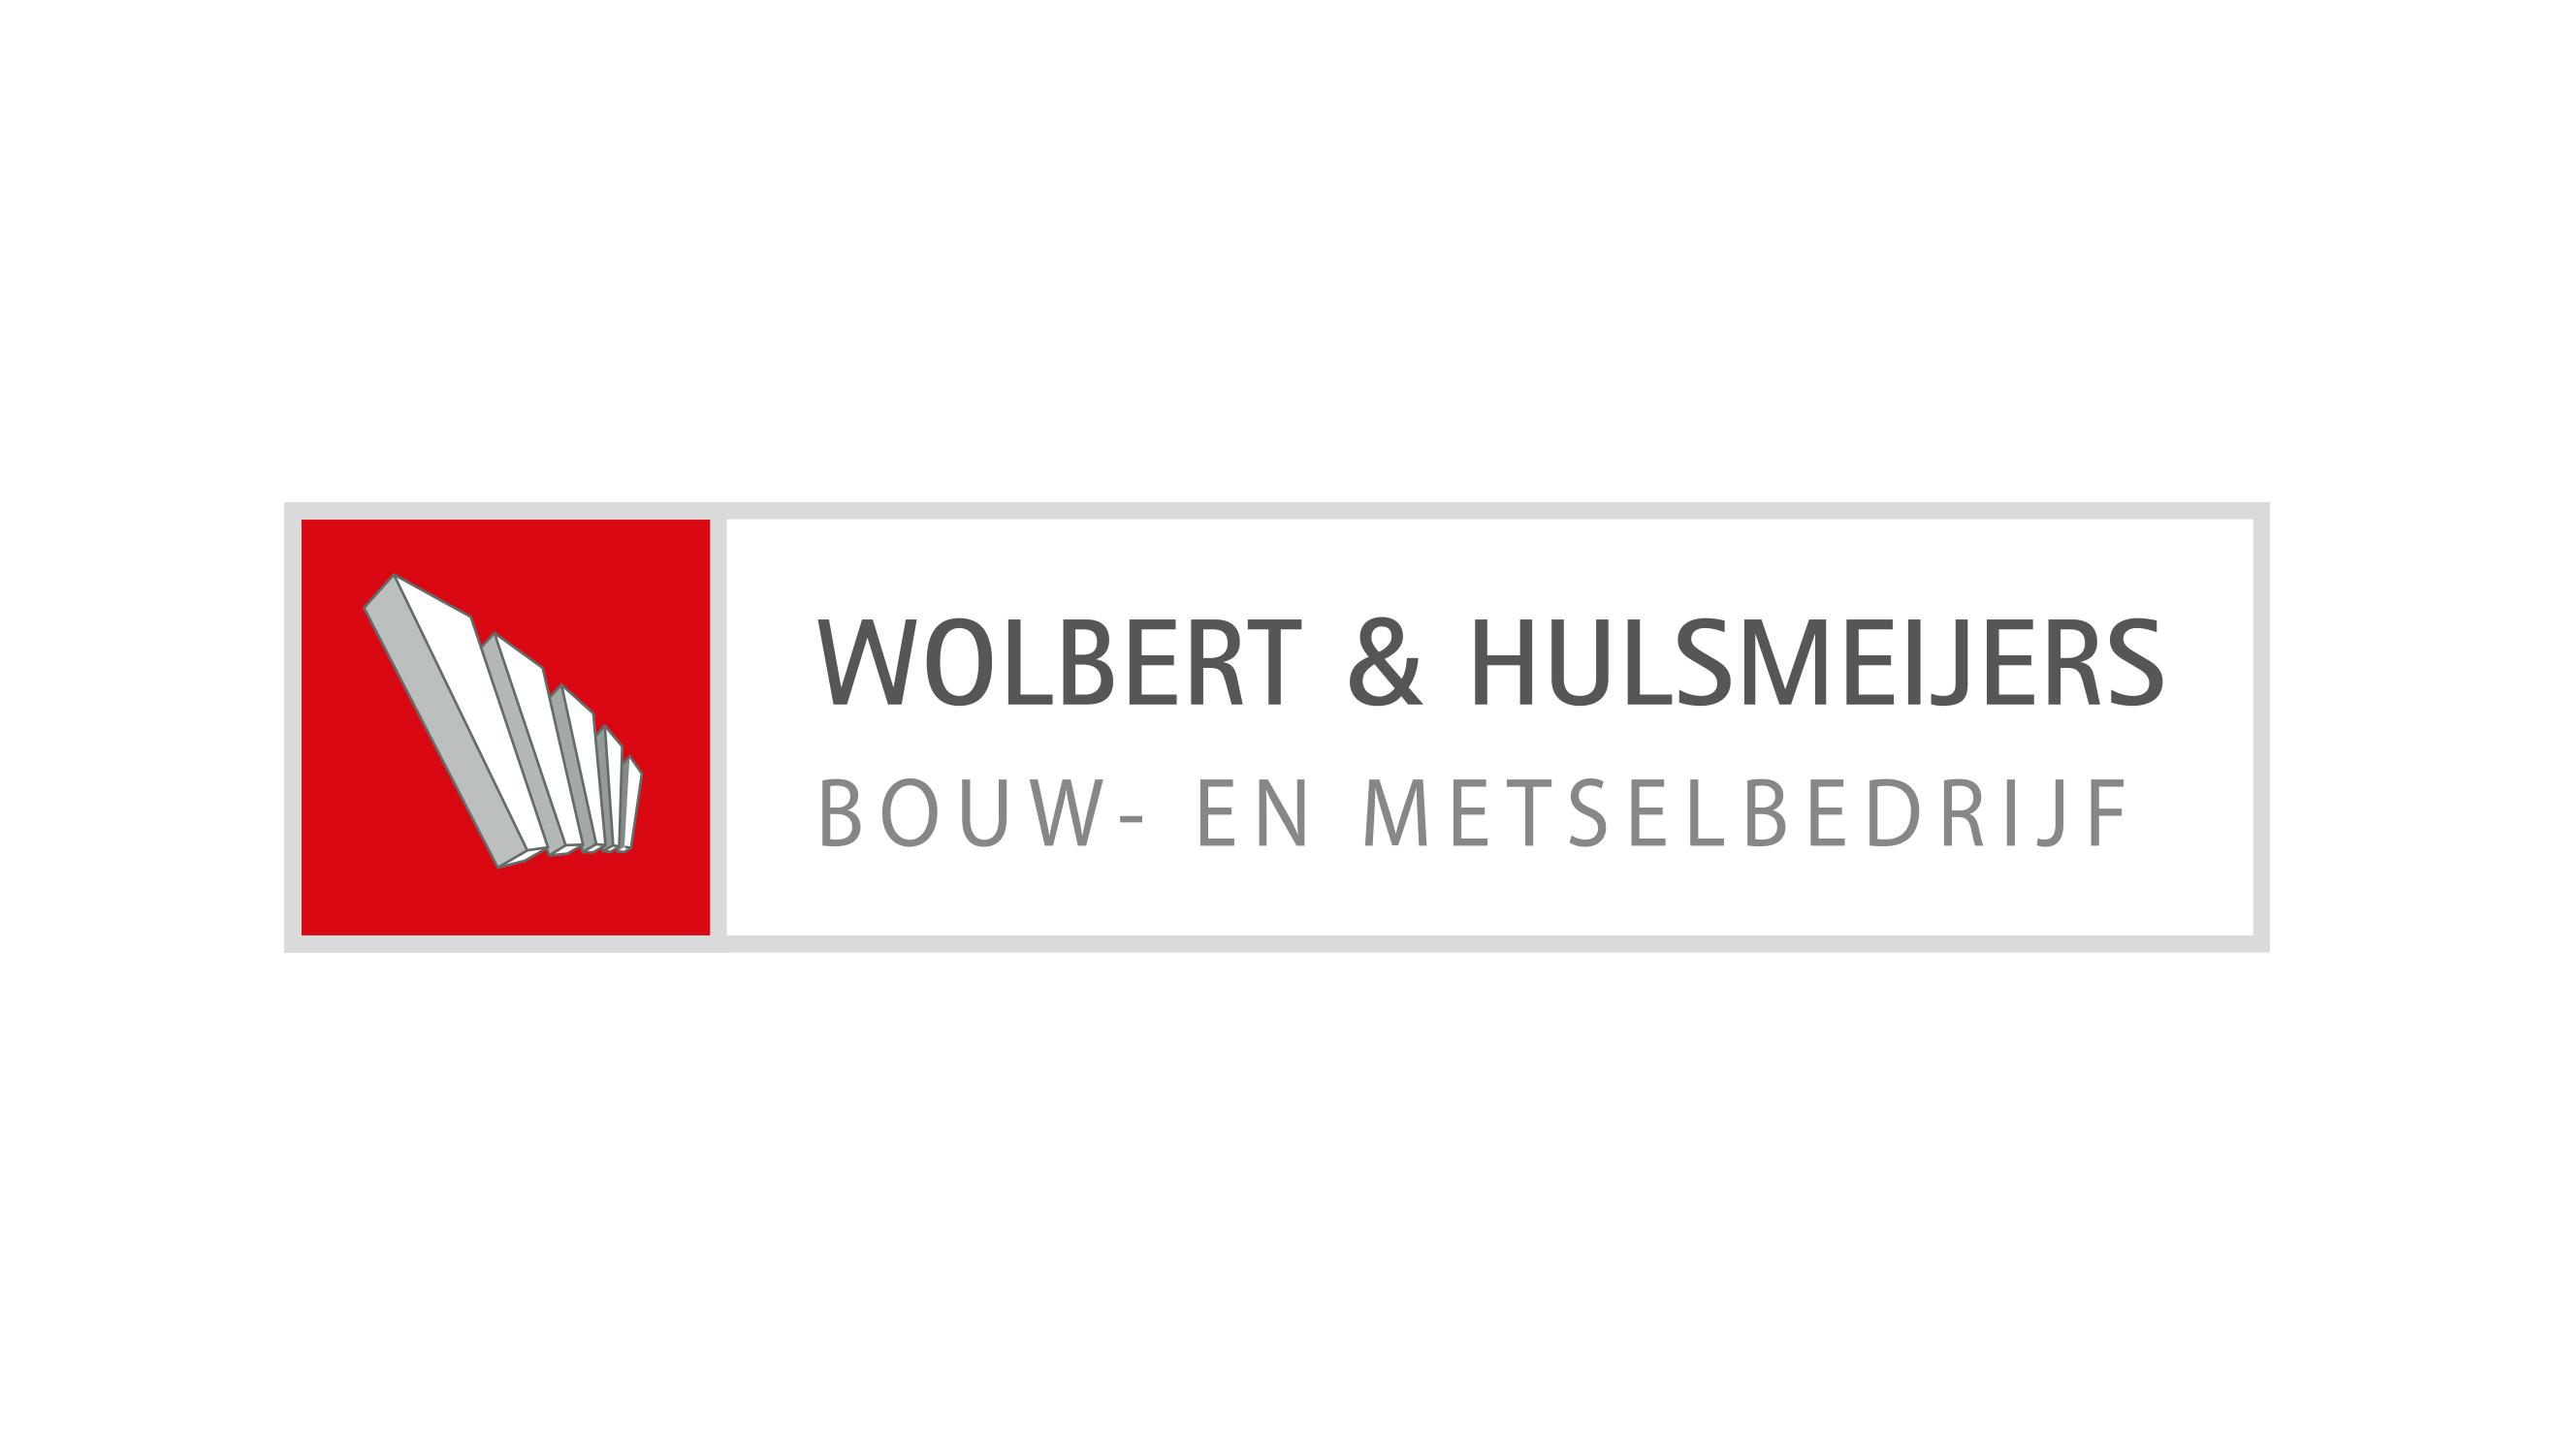 Wolbert & Hulsmeijers